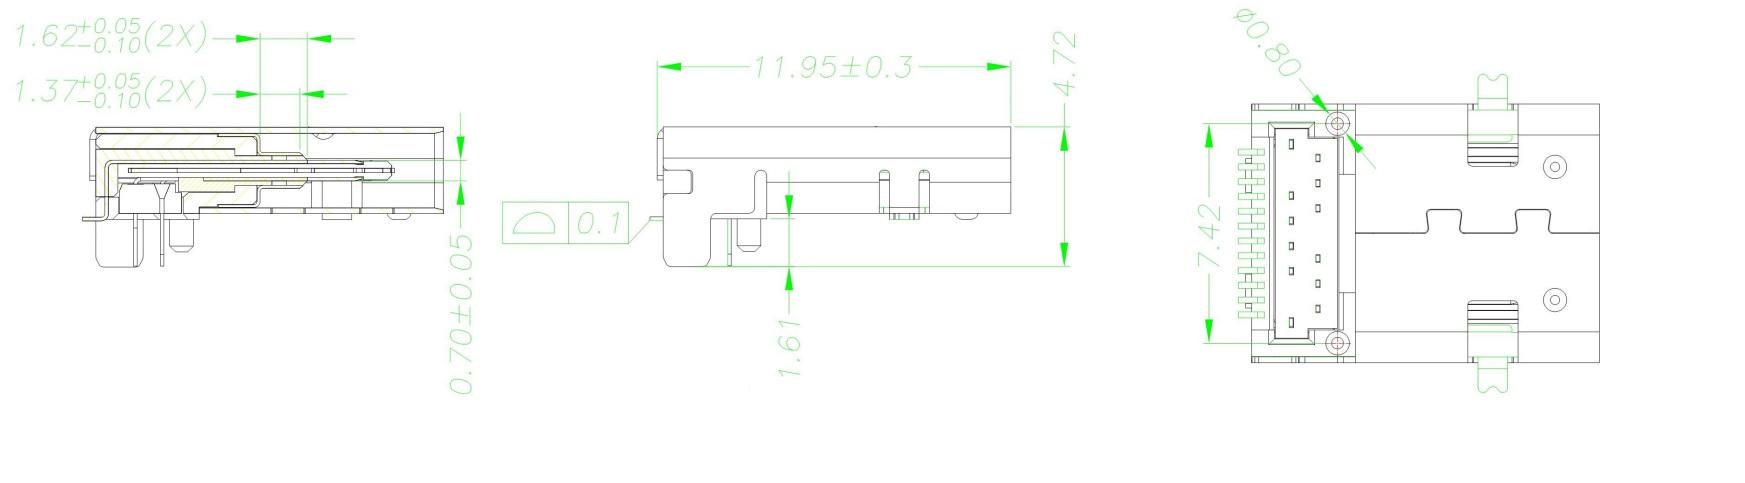 Разъем USB Type-C USB3.1 TYPE-C 24PF-021